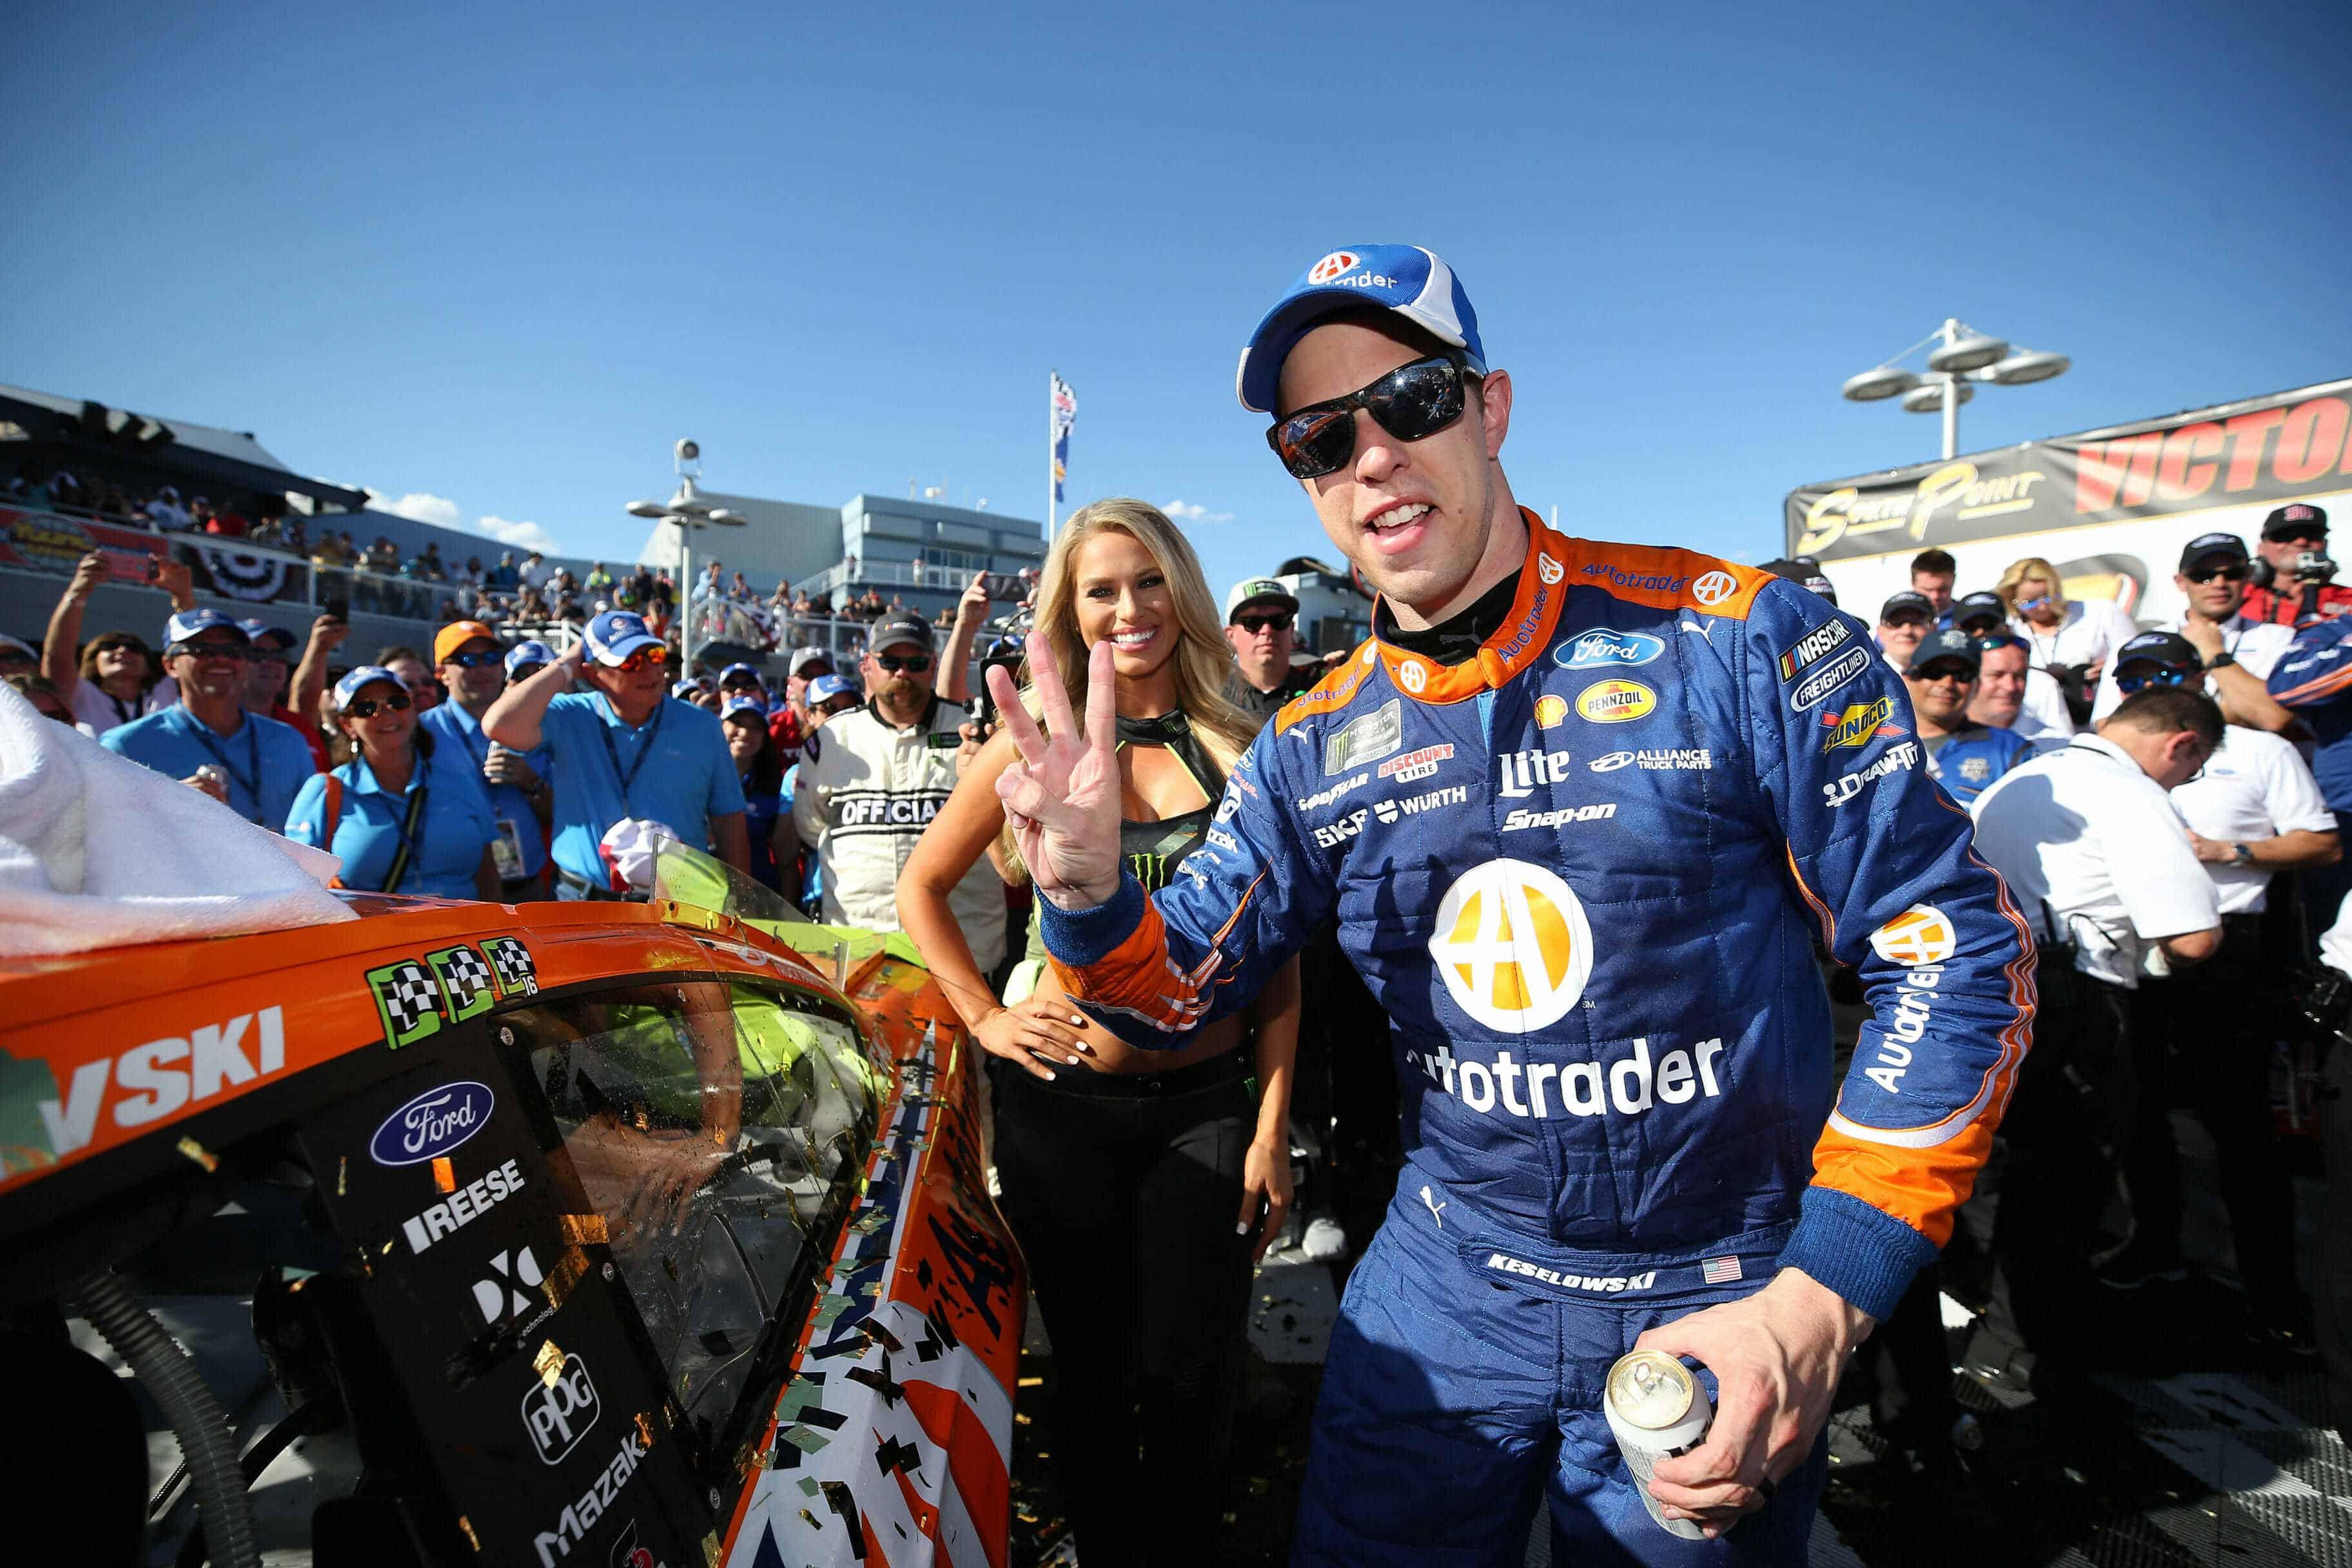 Brad Keseklowski - Monster Energy Girls in victory lane at Las Vegas Motor Speedway